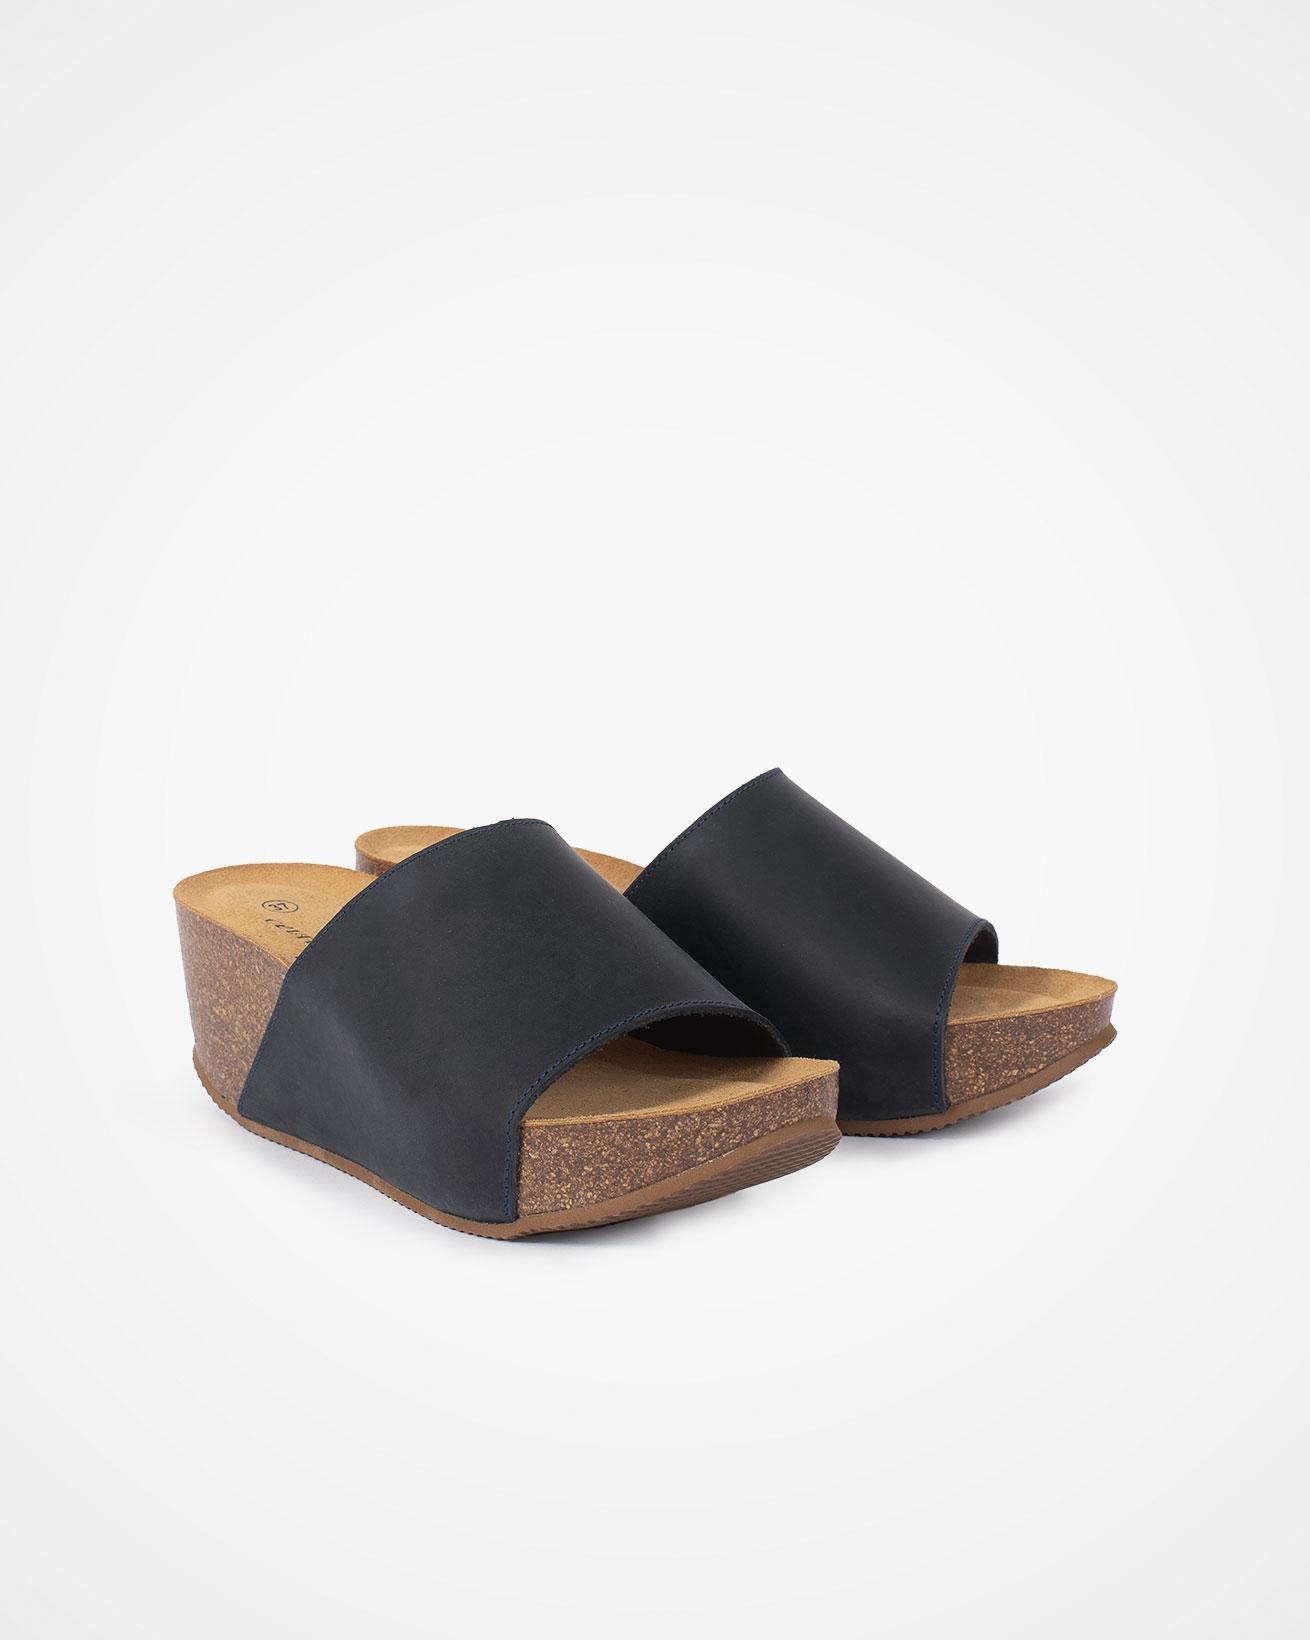 7789_minimal-wedge-mules_navy_pair.jpg